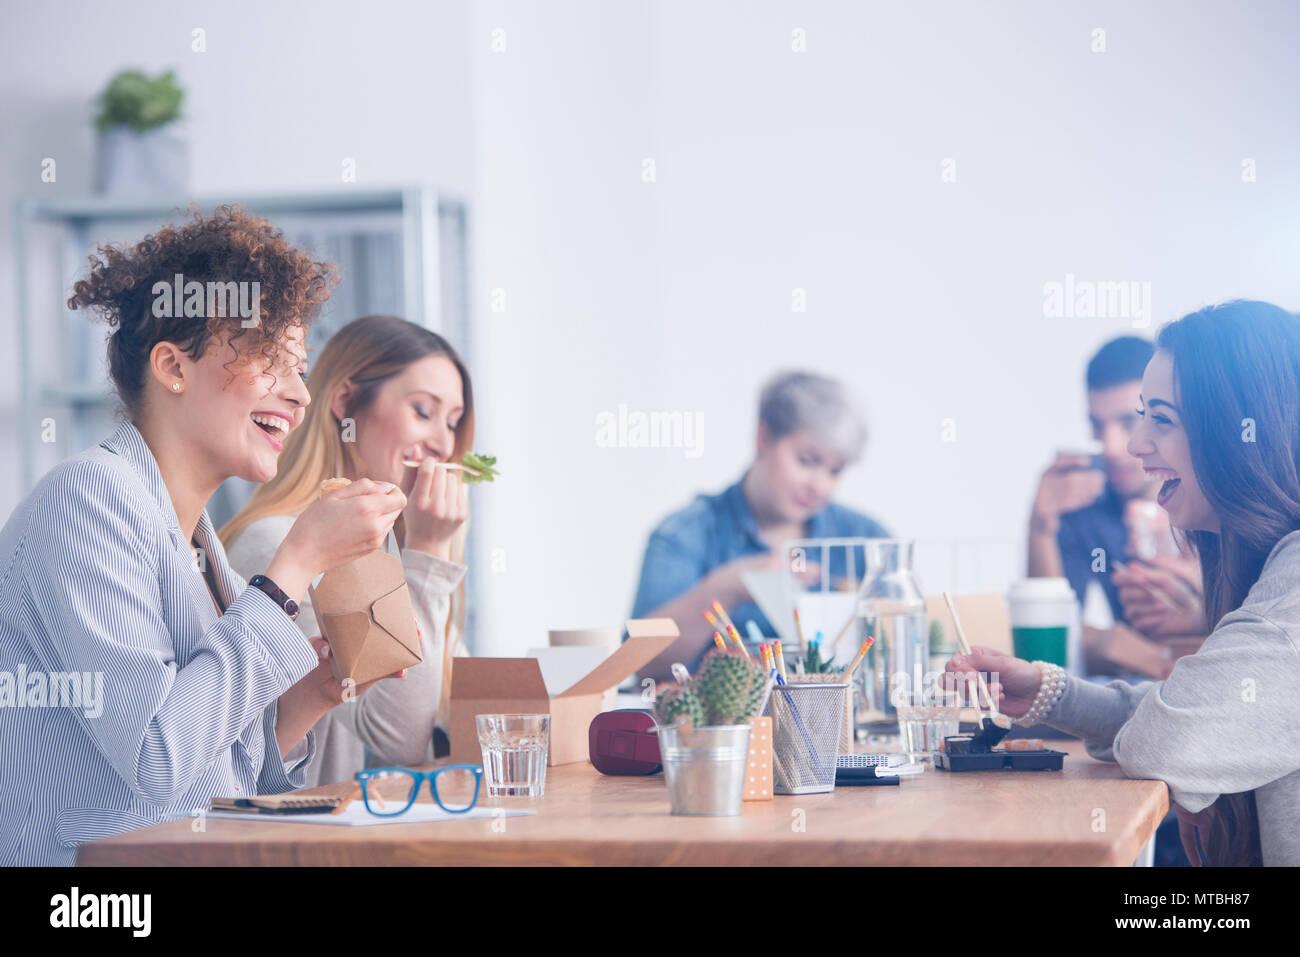 Les employés de race blanche de manger le déjeuner avec leur collègue mulâtre Photo Stock